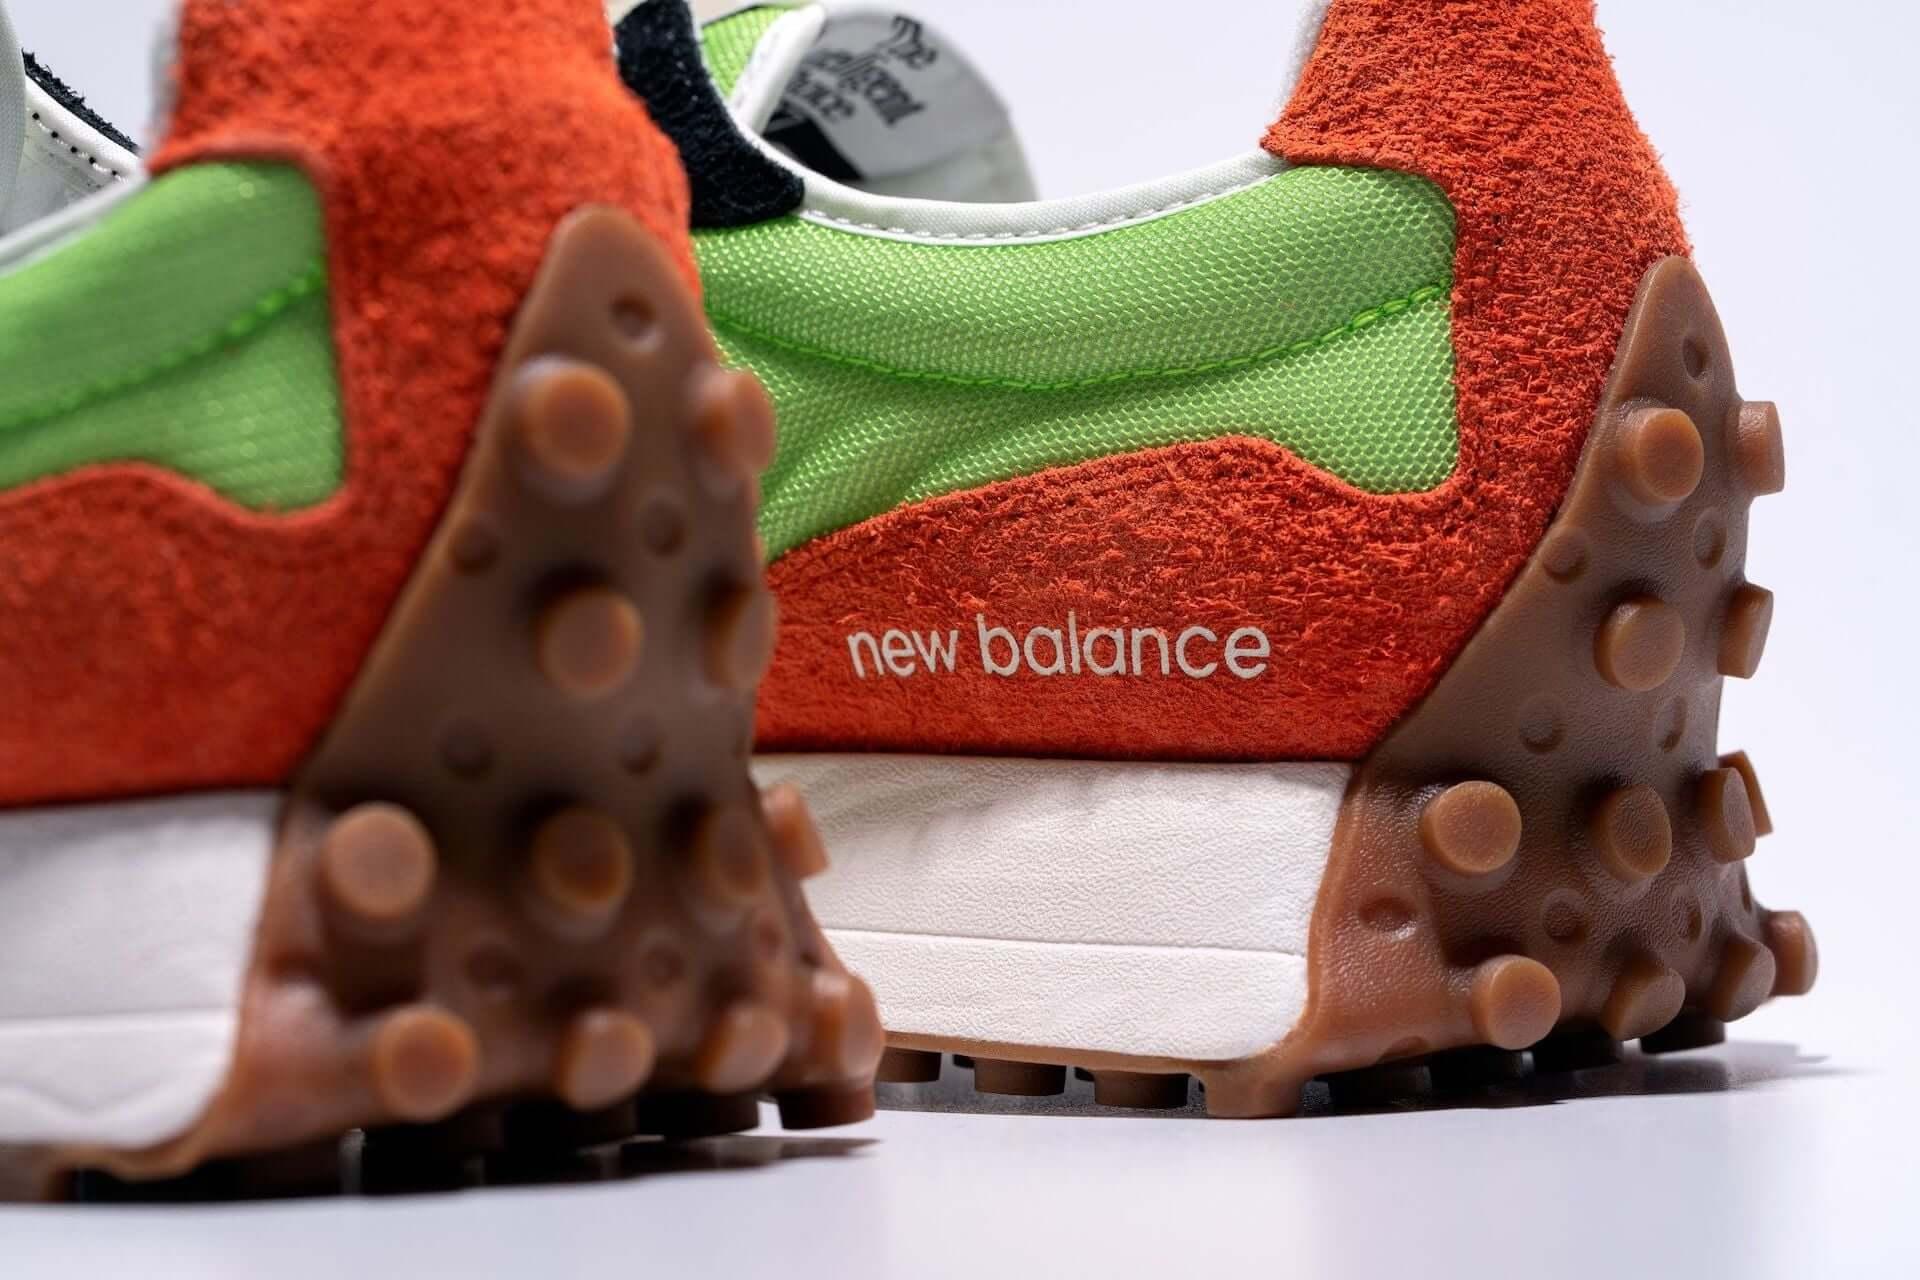 ニューバランスLIFESTYLEモデル『327』にオレンジとライムのフレッシュな新色が登場!第1弾、第2弾はほぼ完売状態に lf200629_nb_327_02-1920x1280